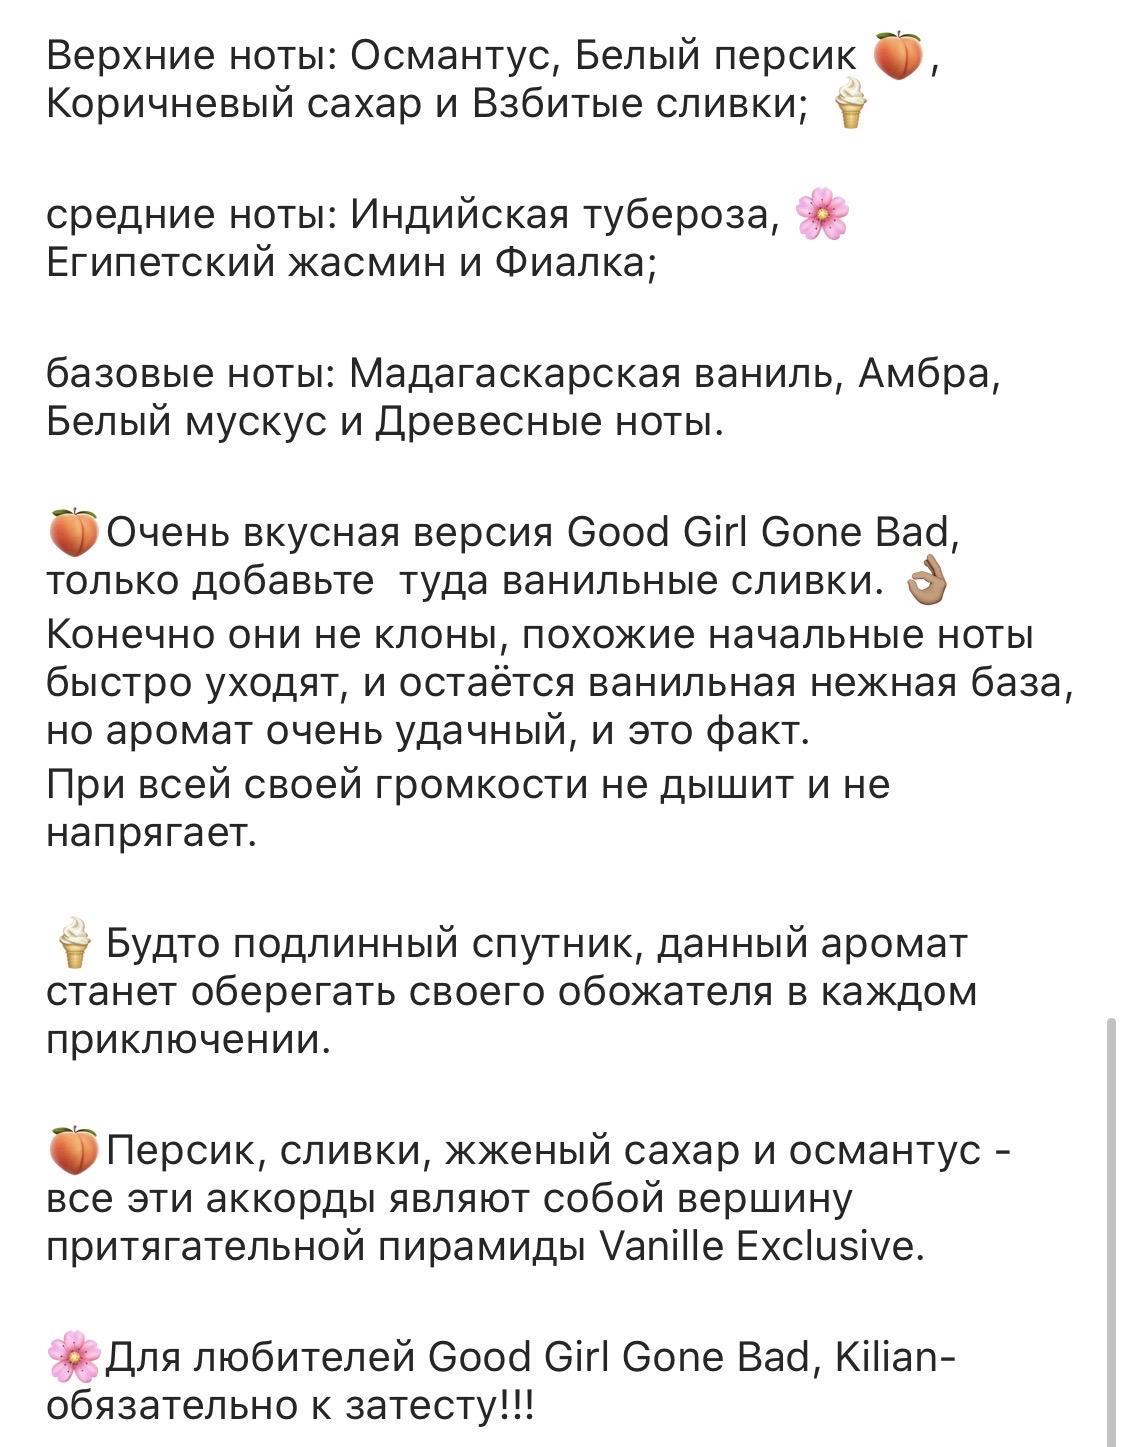 Отливант 8 мл Mancera Vanilla Exclusif в Москве